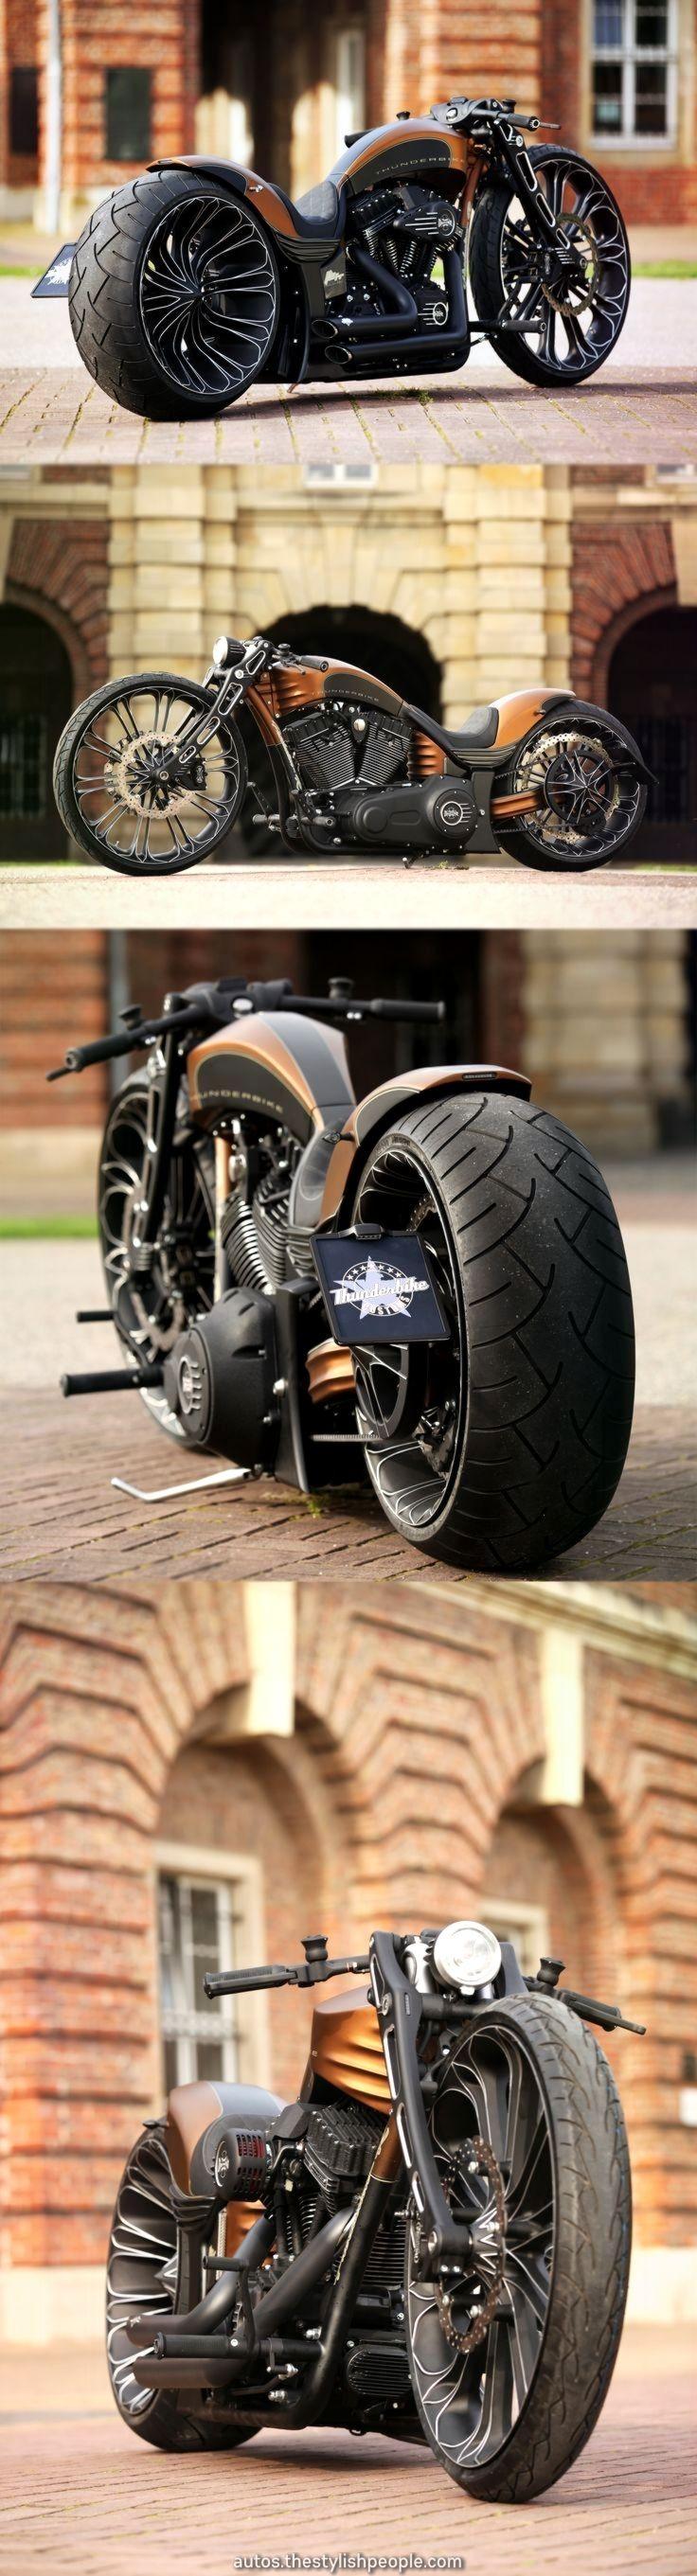 Exzellentes Thunderbike Harley-Davidson   – Motorcycles